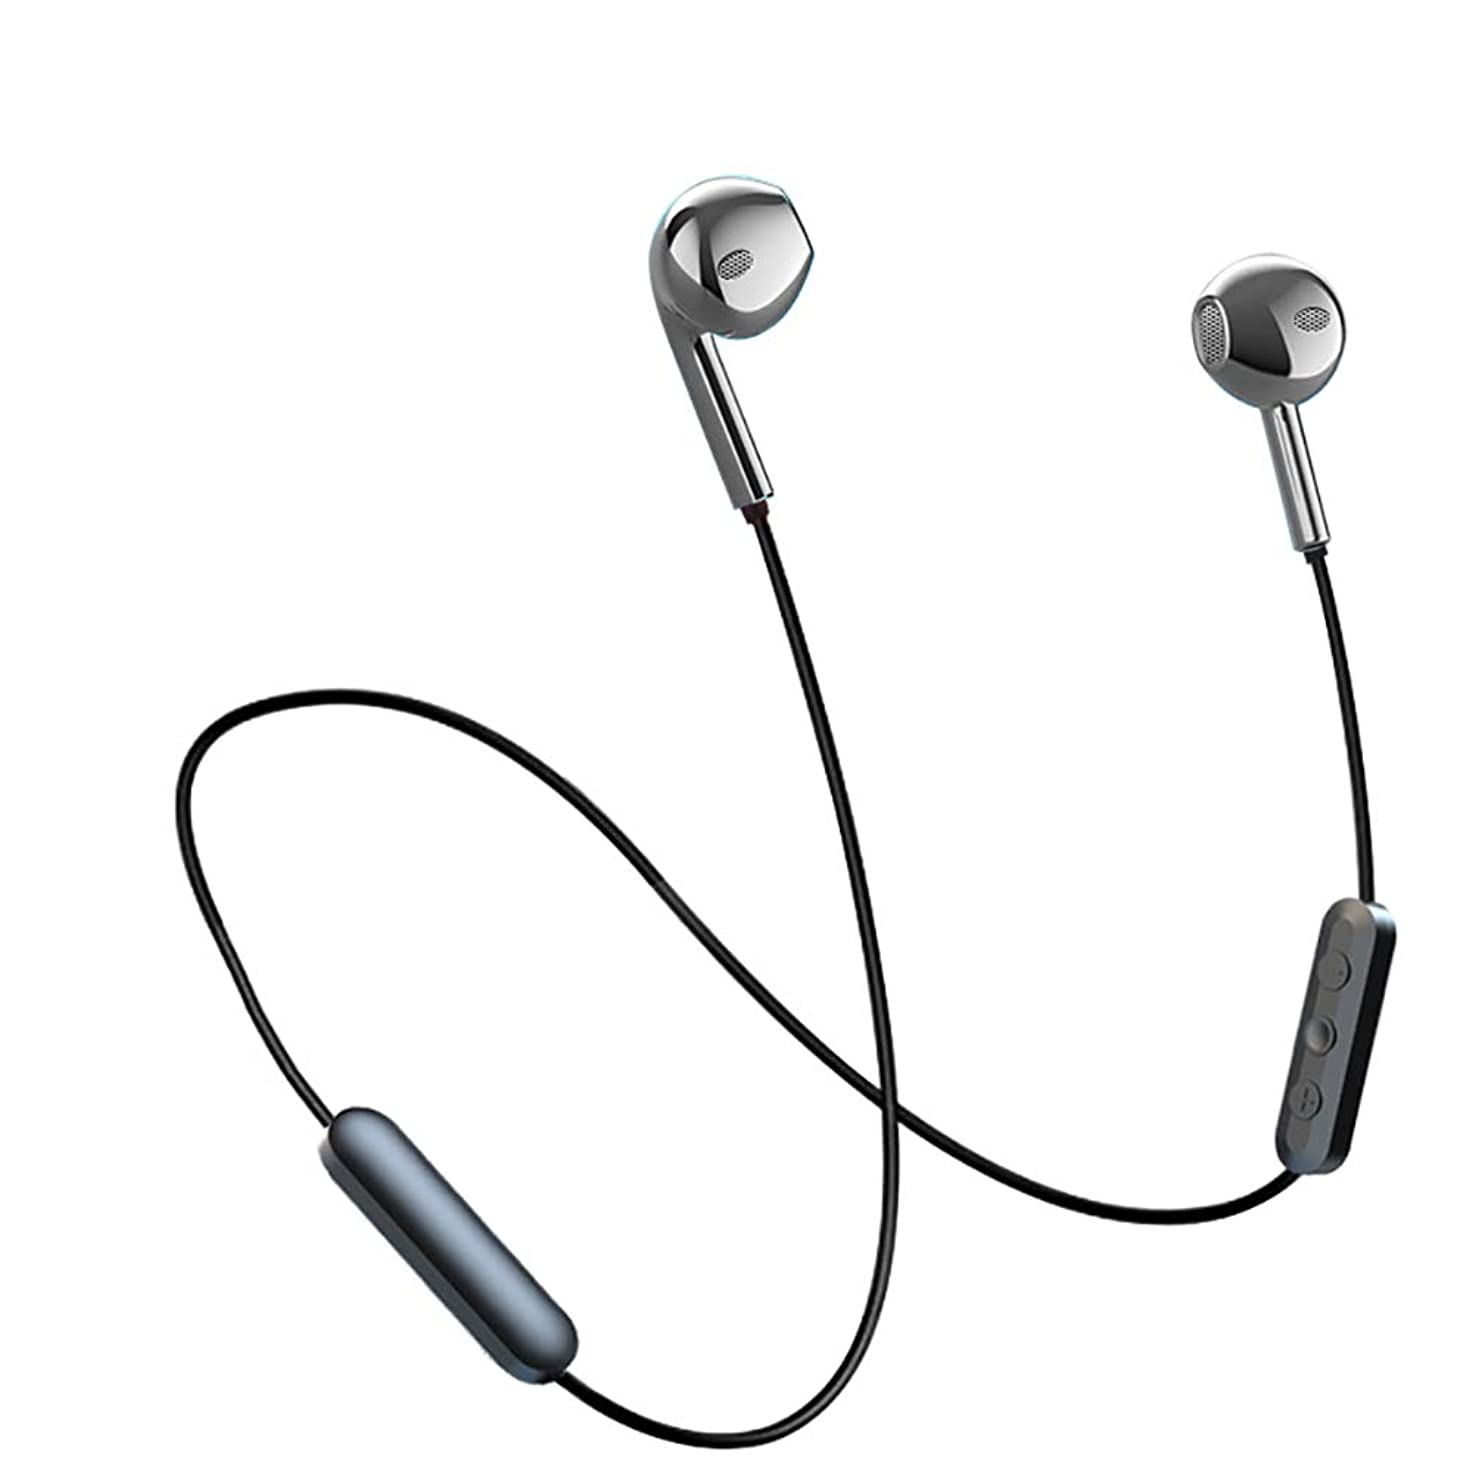 十分にマインドオープナー[2019音質強化バージョン] Bluetooth イヤホン 金属筐体 ブルートゥース ワイヤレス イヤホン 低音重視 10時間連続再生 AAC対応 マイク付き ハンズフリー通話 iPhone Android対応